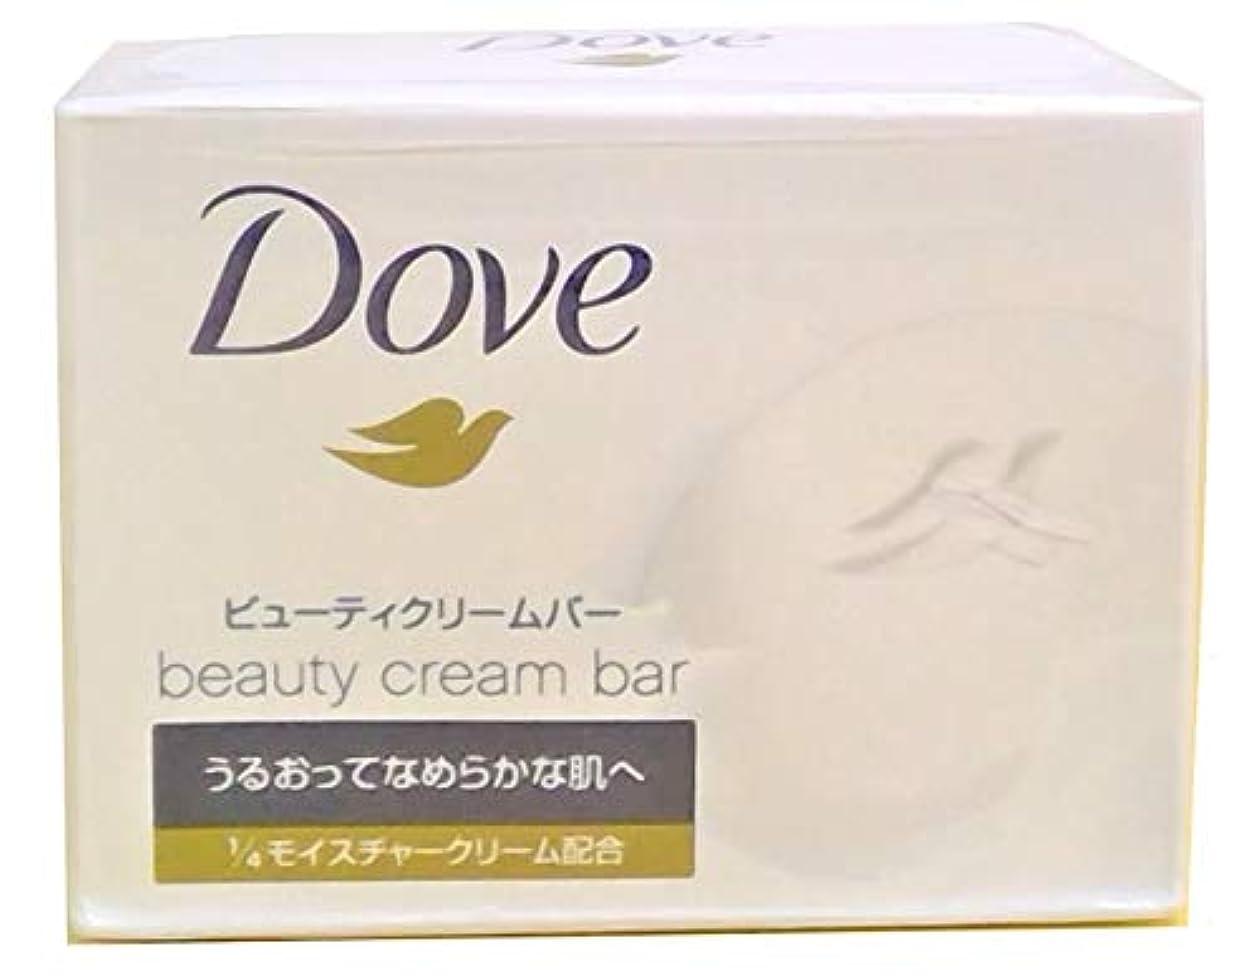 迫害鬼ごっこ沈黙Dove ダヴ ビューティークリームバー ホワイト 1個